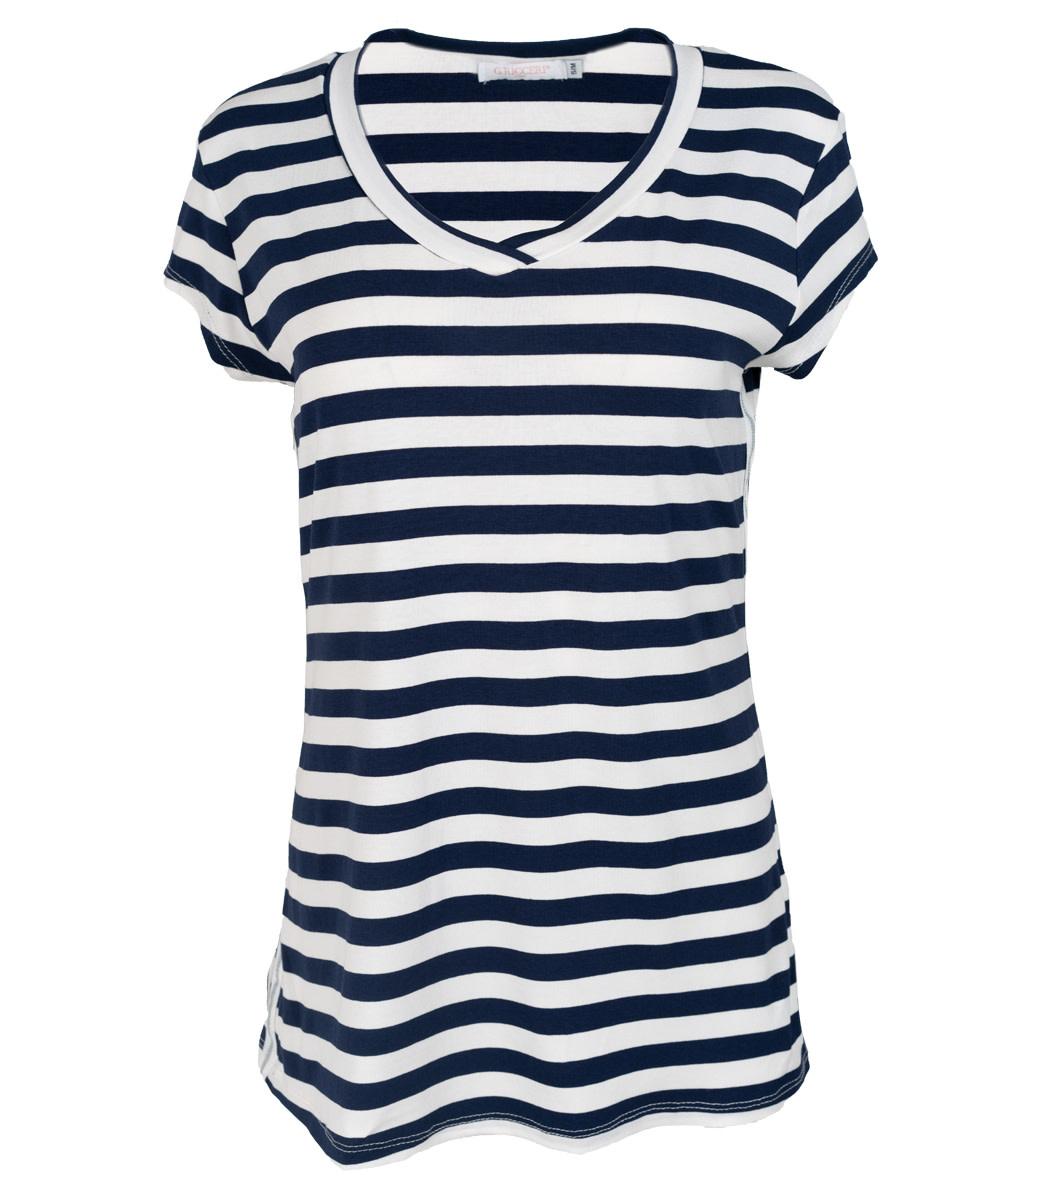 Gemma Ricceri Shirt blauw/wit streep Pia